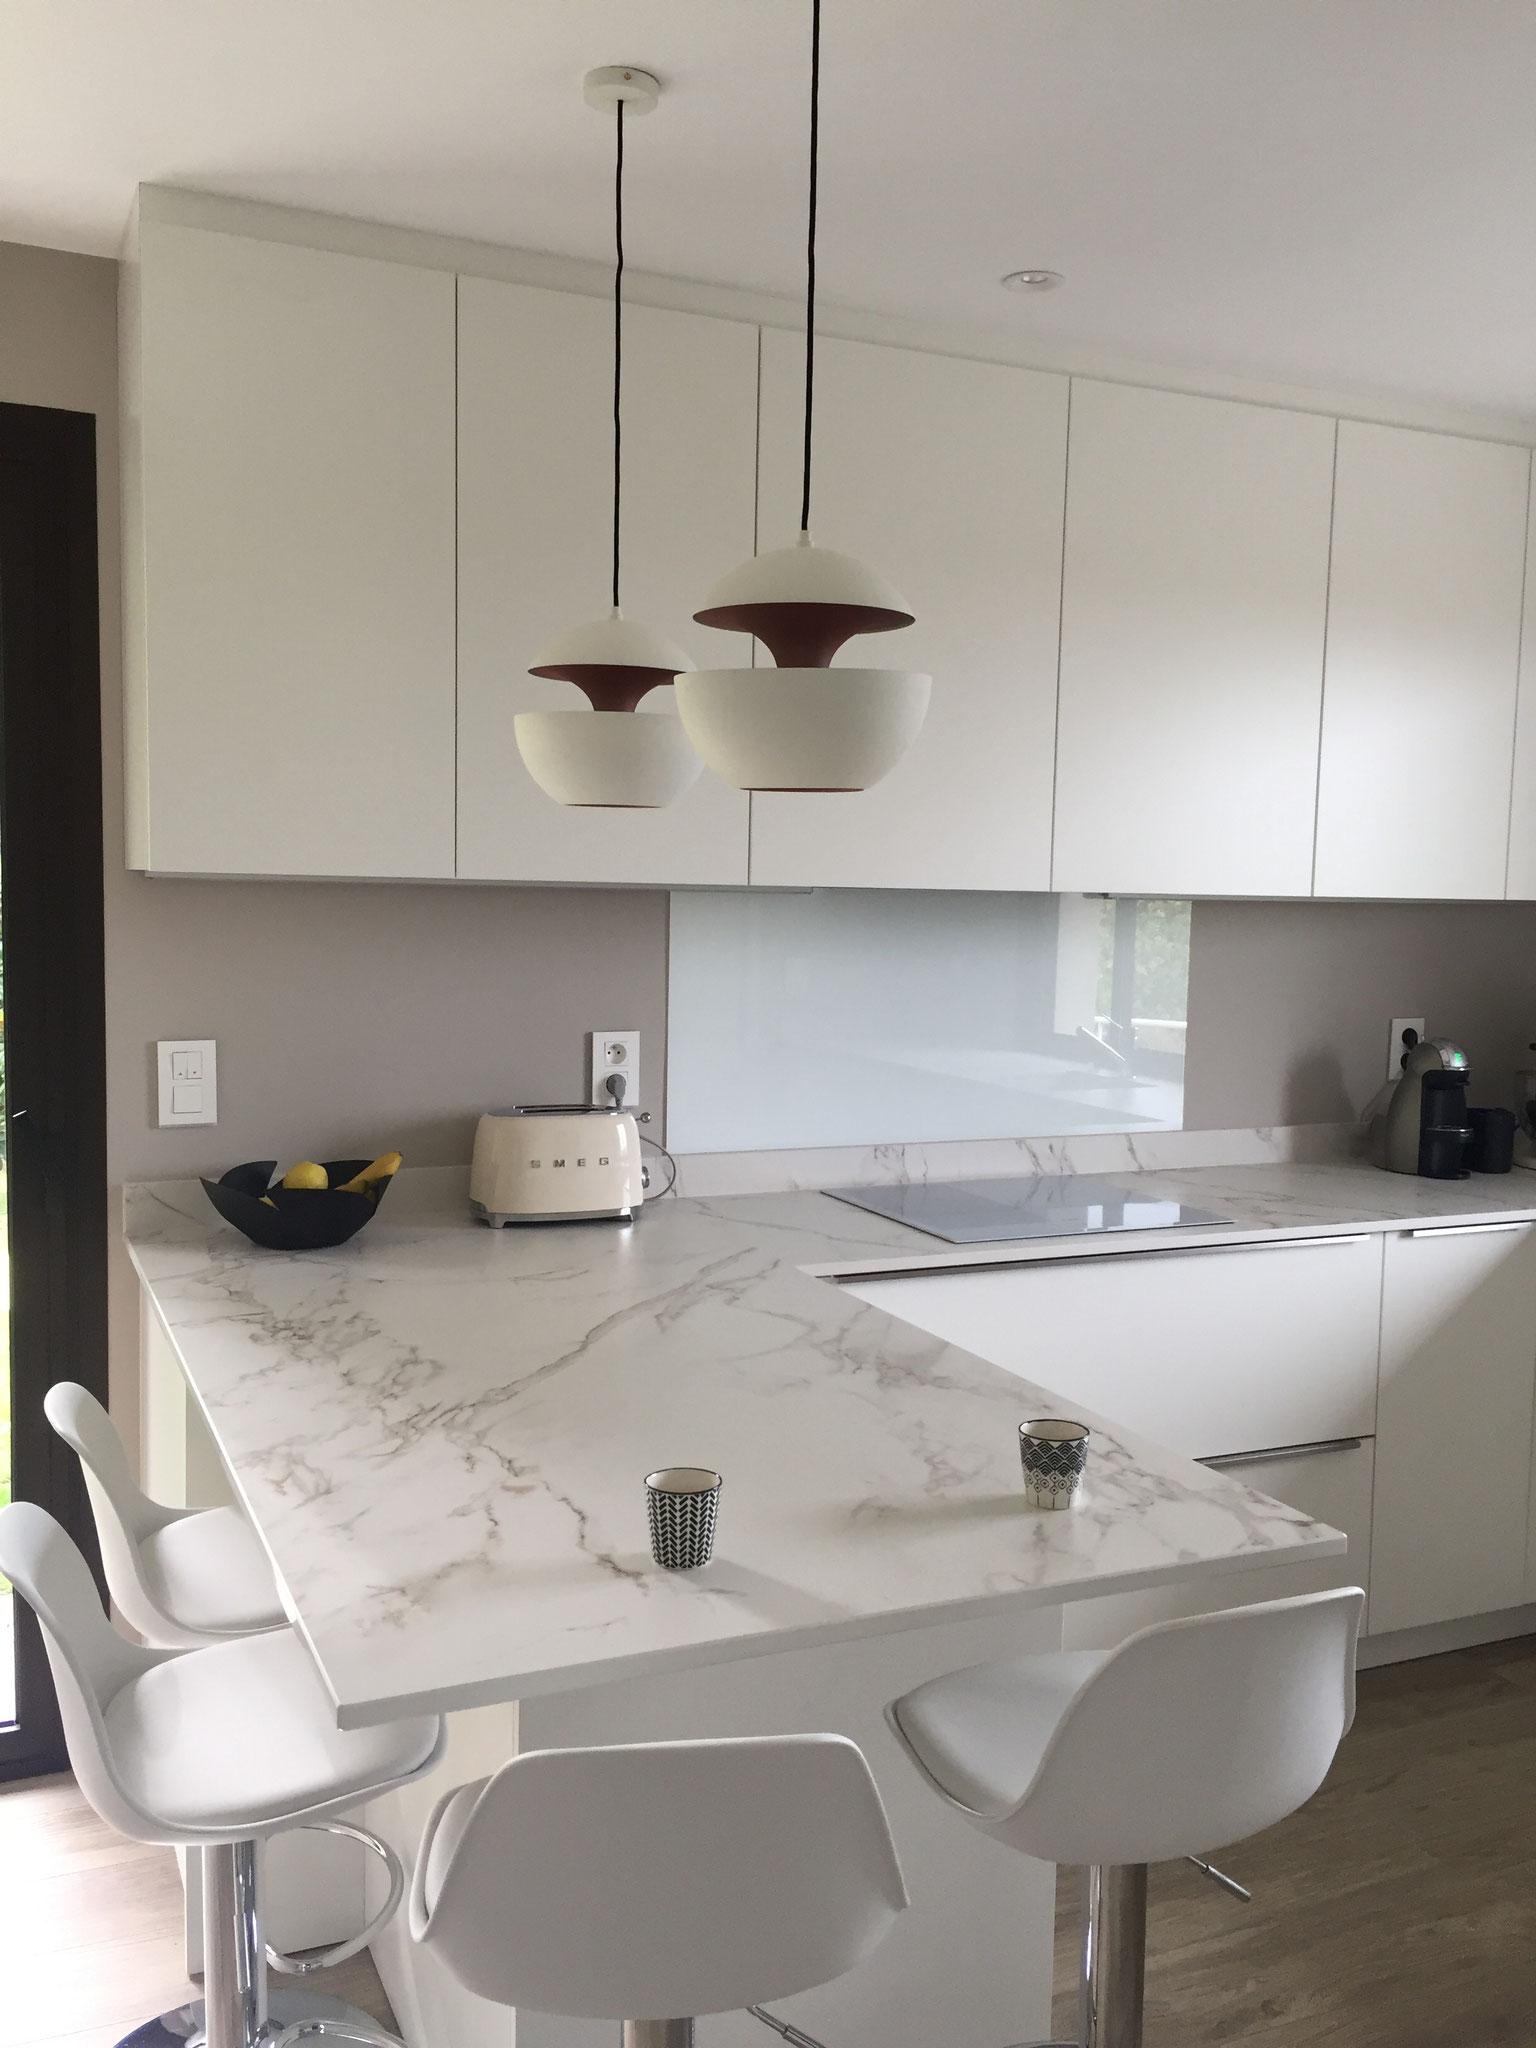 cuisine blanche design ouverte plan en DEKTON avec ilot et luminaires here come the sun